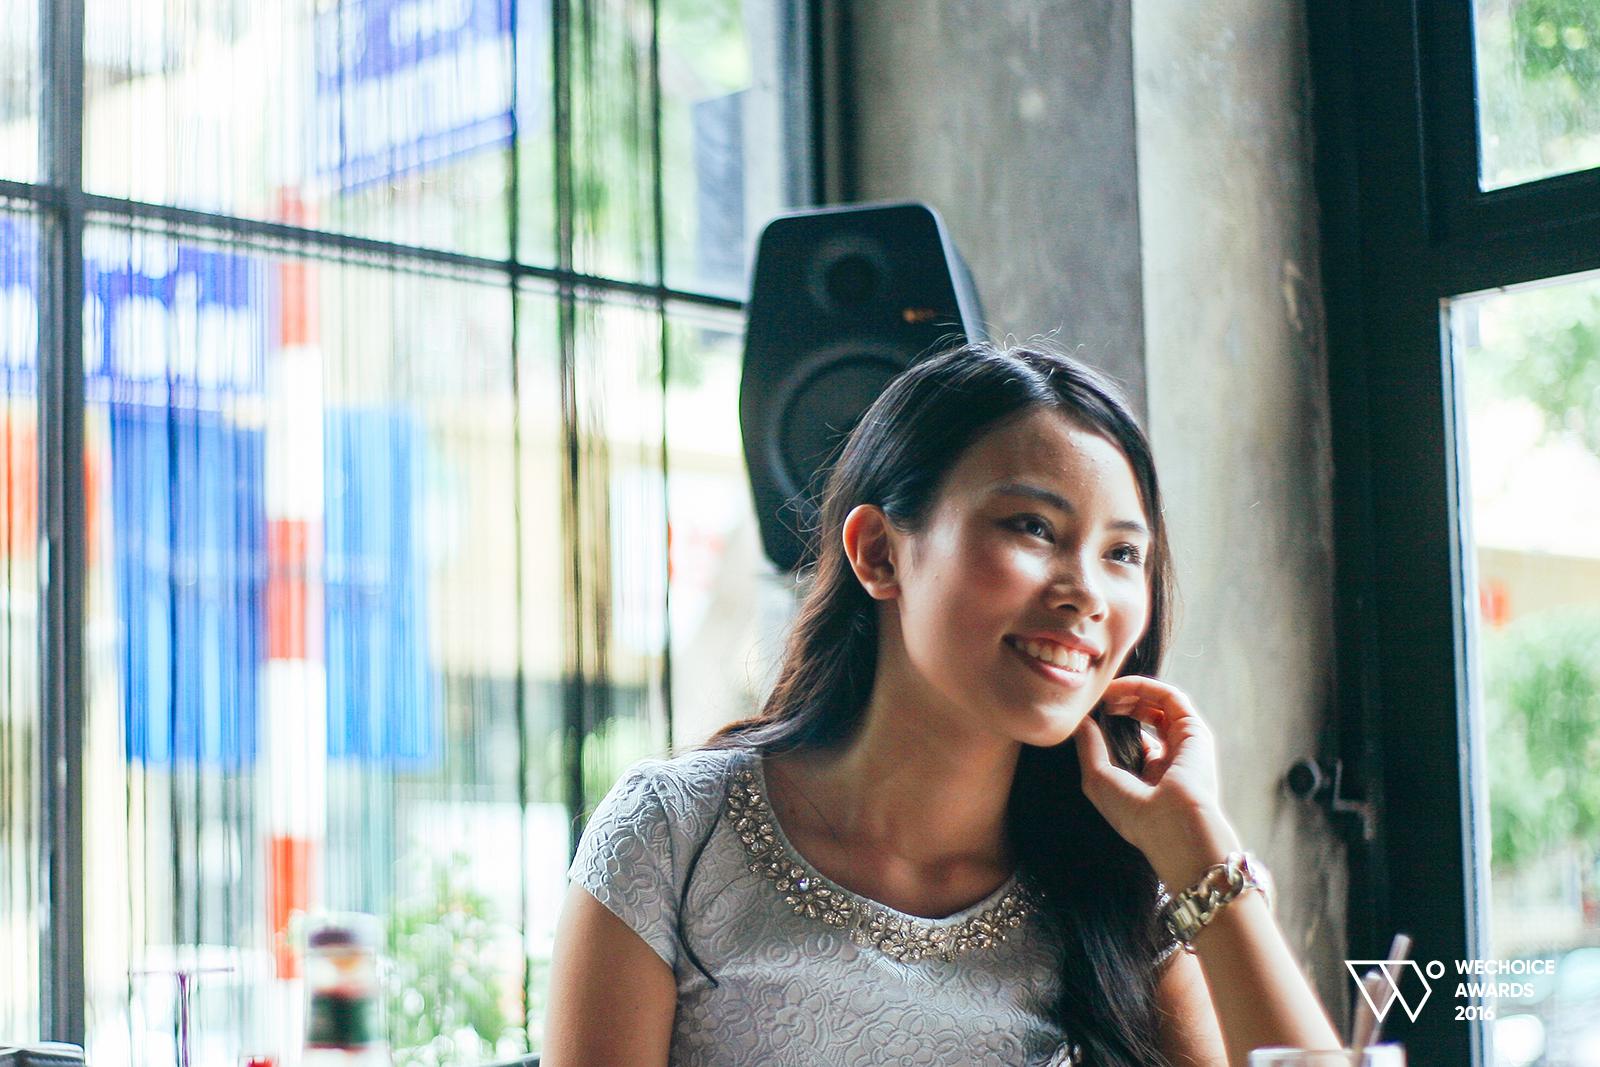 Nữ sinh 17 tuổi mang hội thảo Mô phỏng Liên Hợp Quốc về cho các bạn trẻ Việt Nam - Ảnh 4.